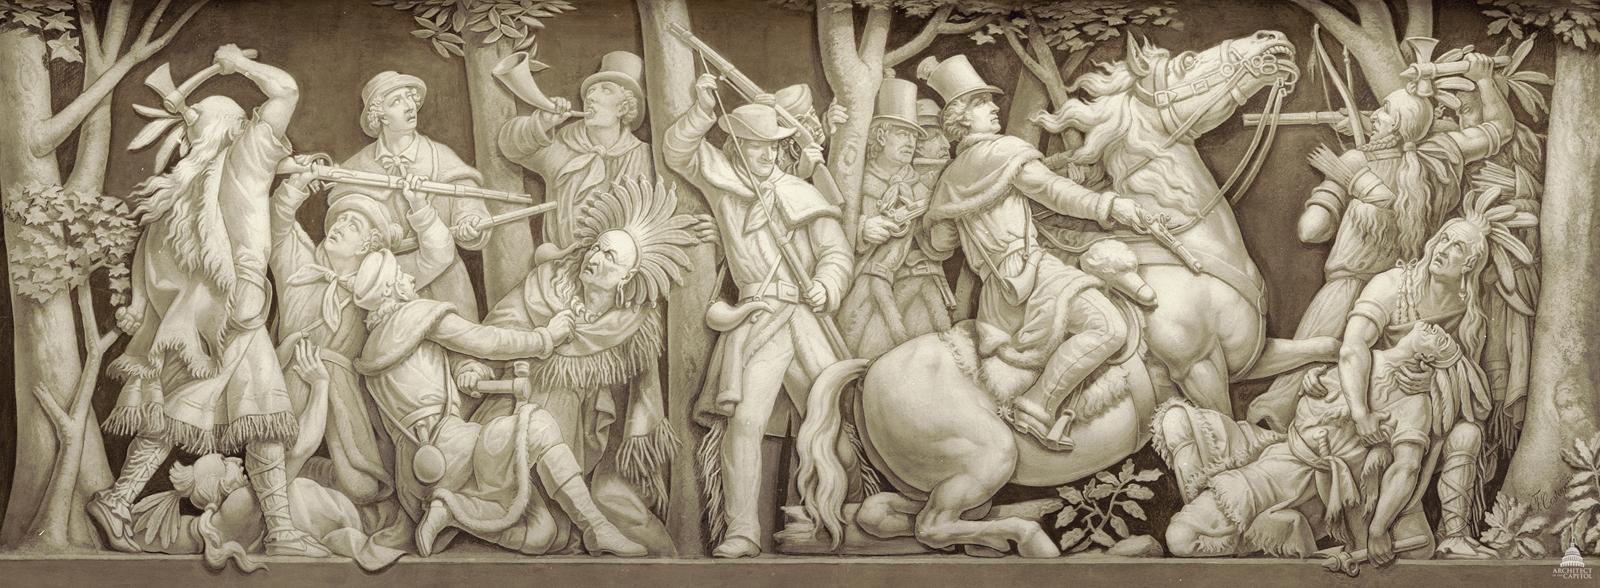 """Filippo Costaggini, """"Death of Tecumseh,"""" c1877, located in the Rotunda of the U.S. Capitol"""